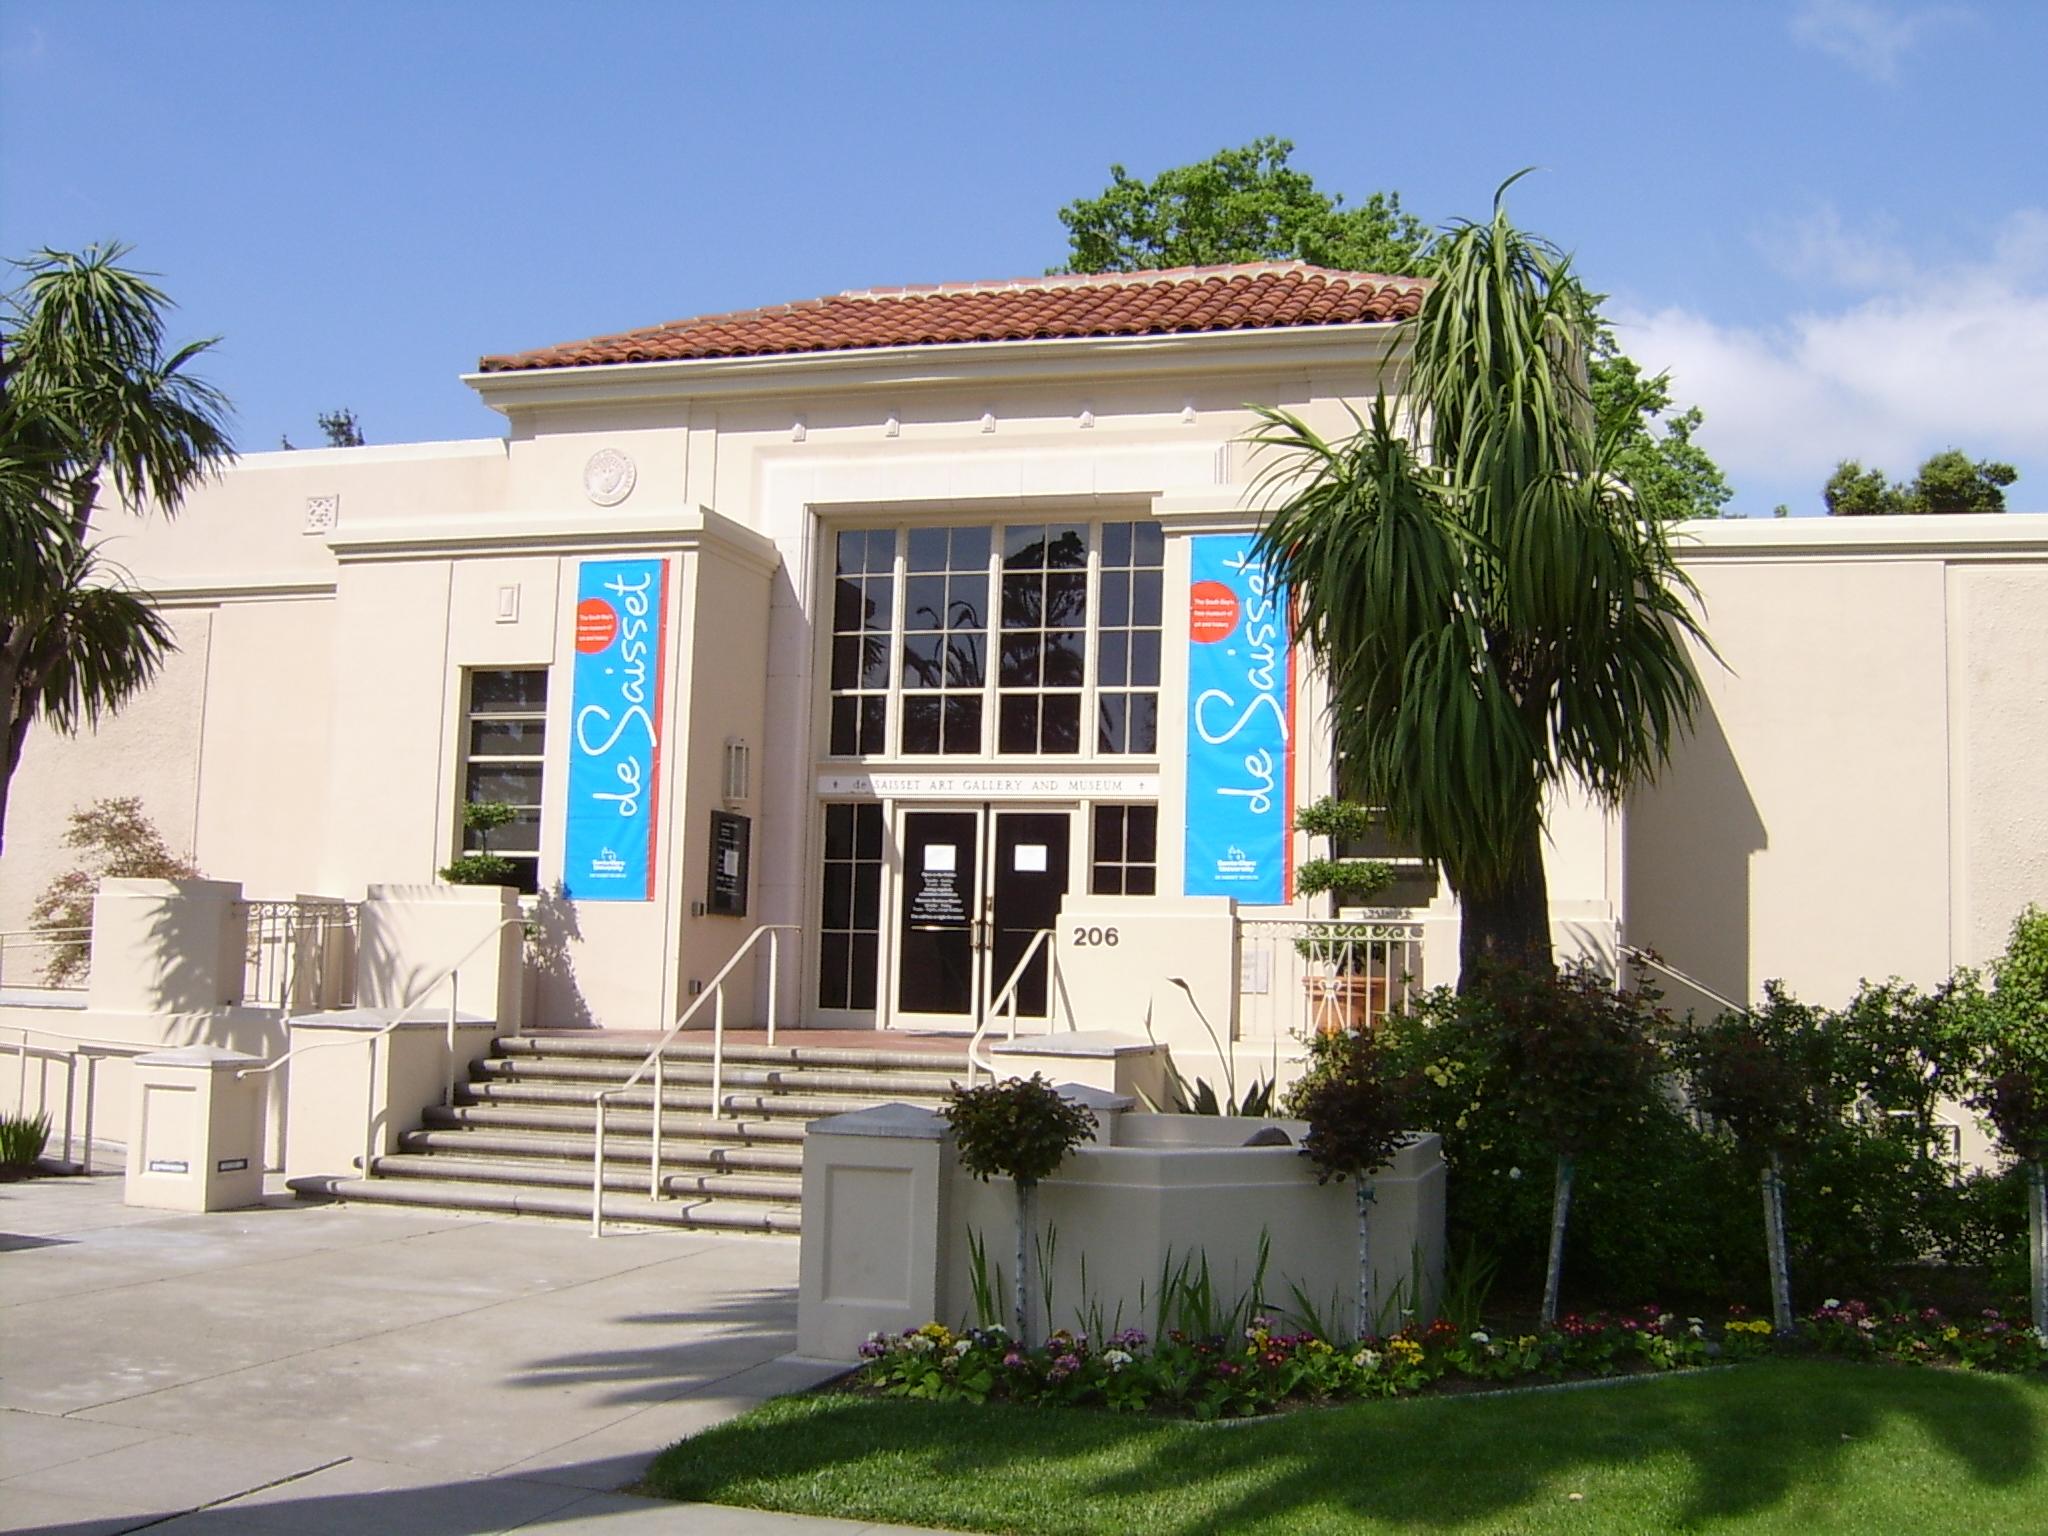 De Saisset Museum